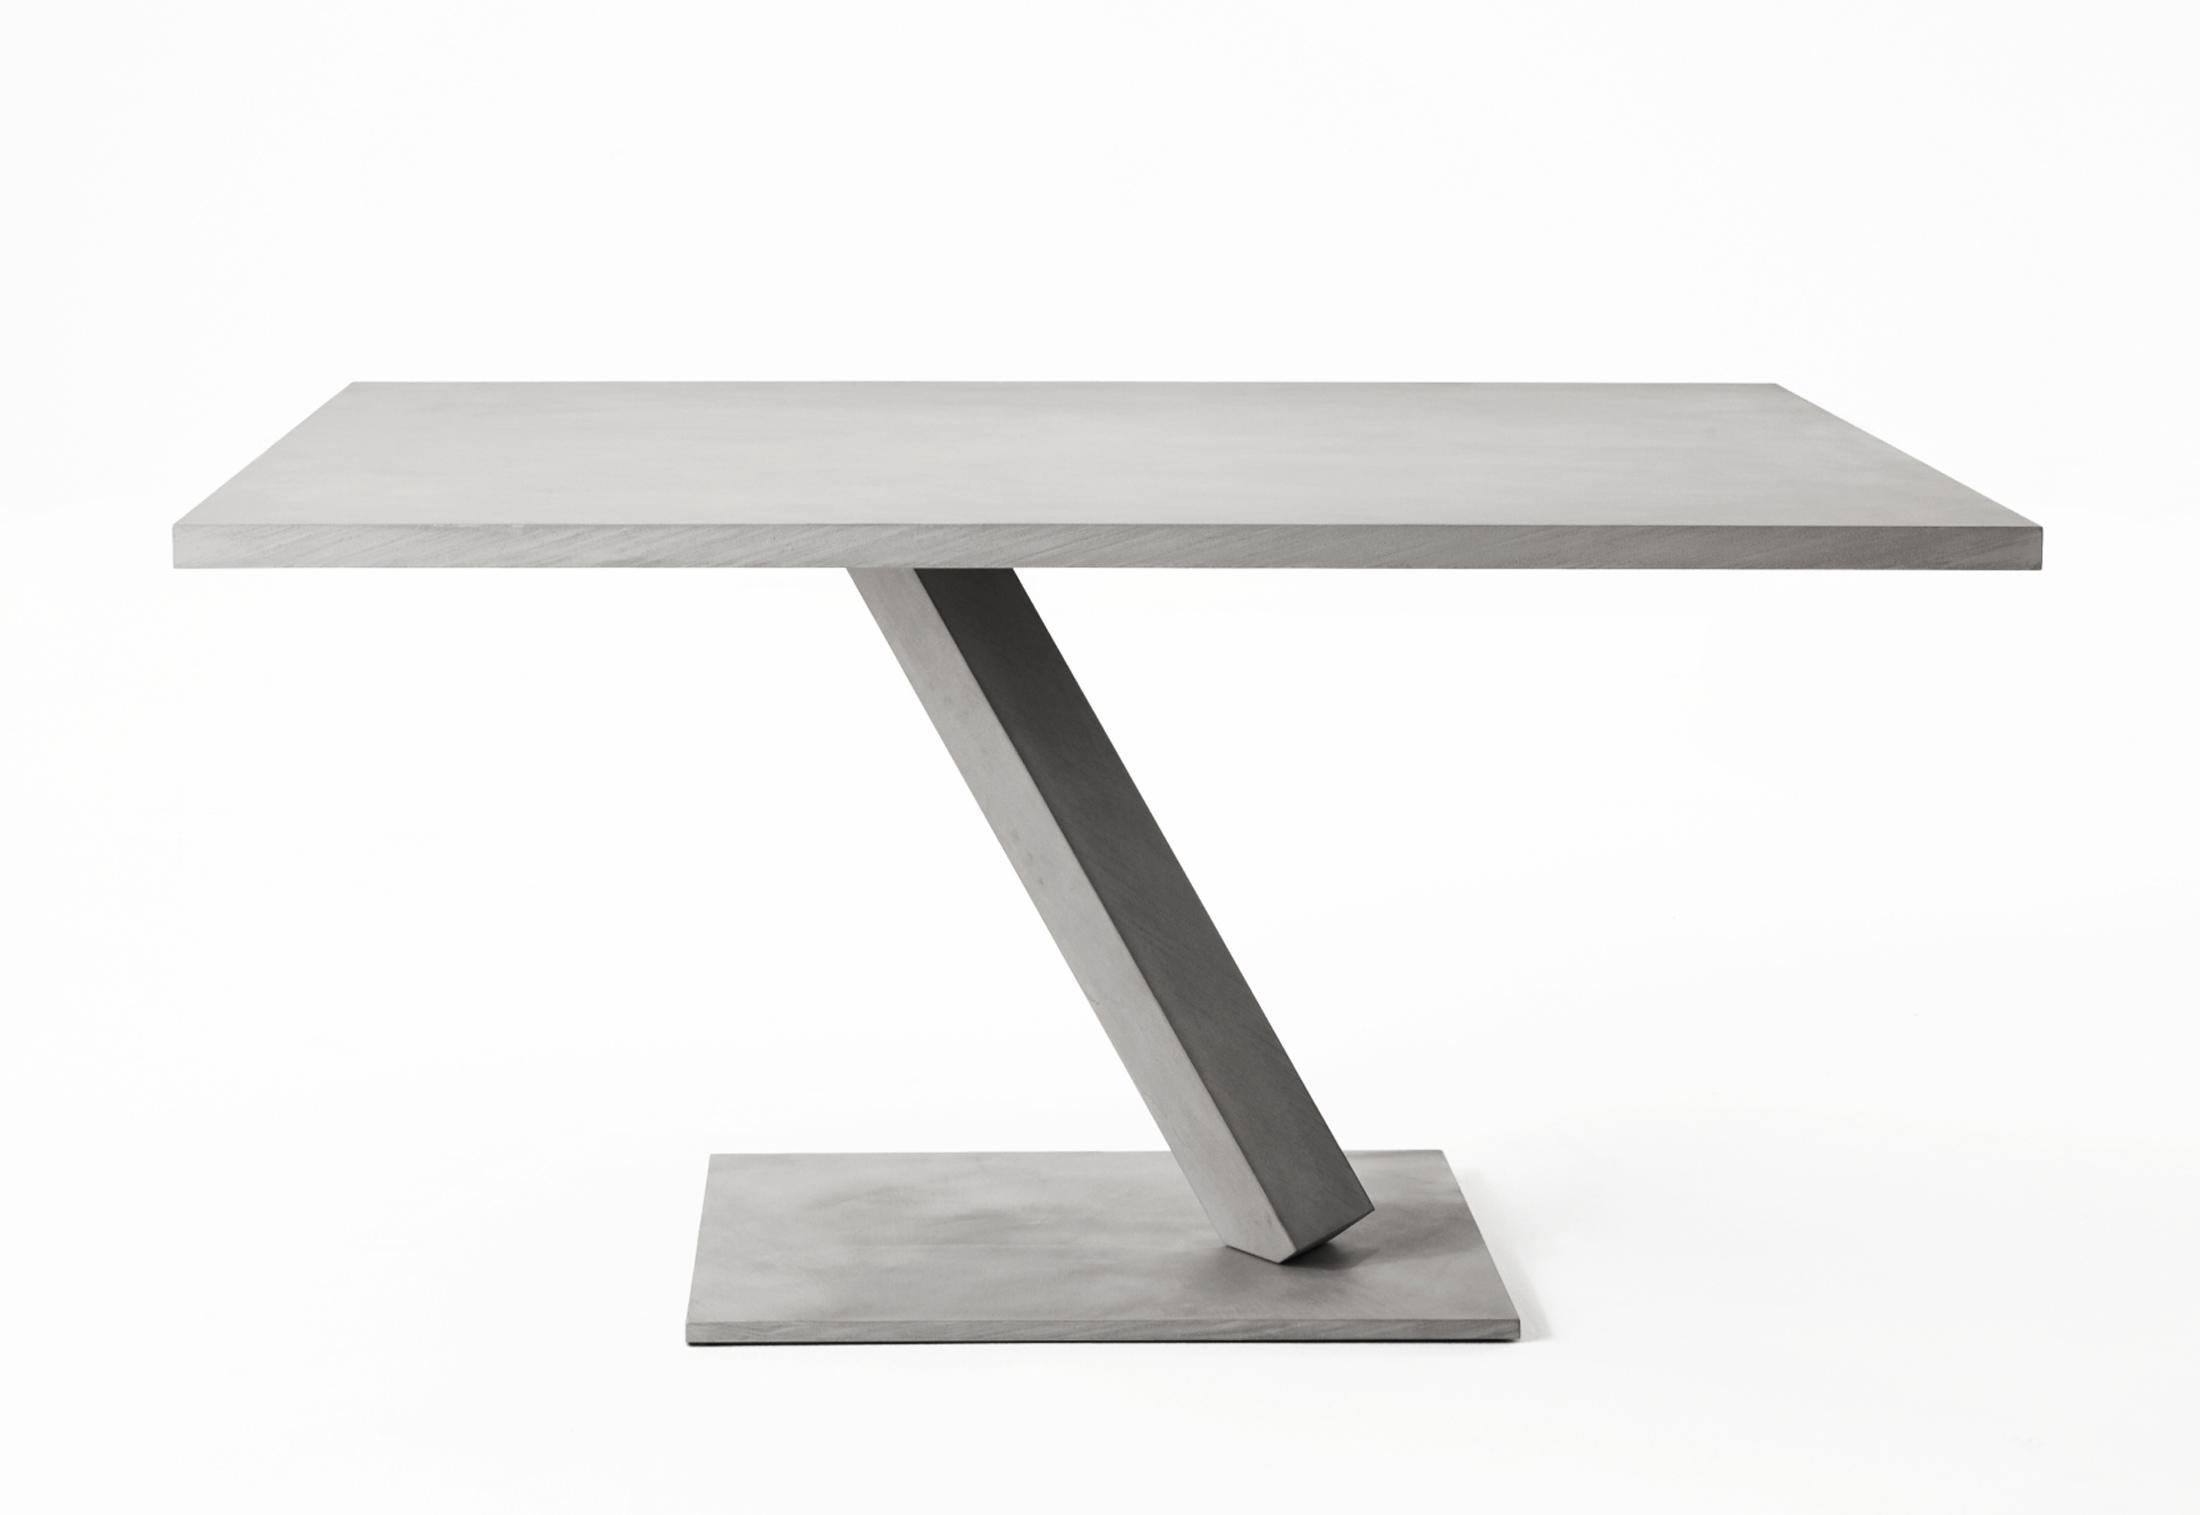 Element Tisch quadratisch von Desalto | STYLEPARK